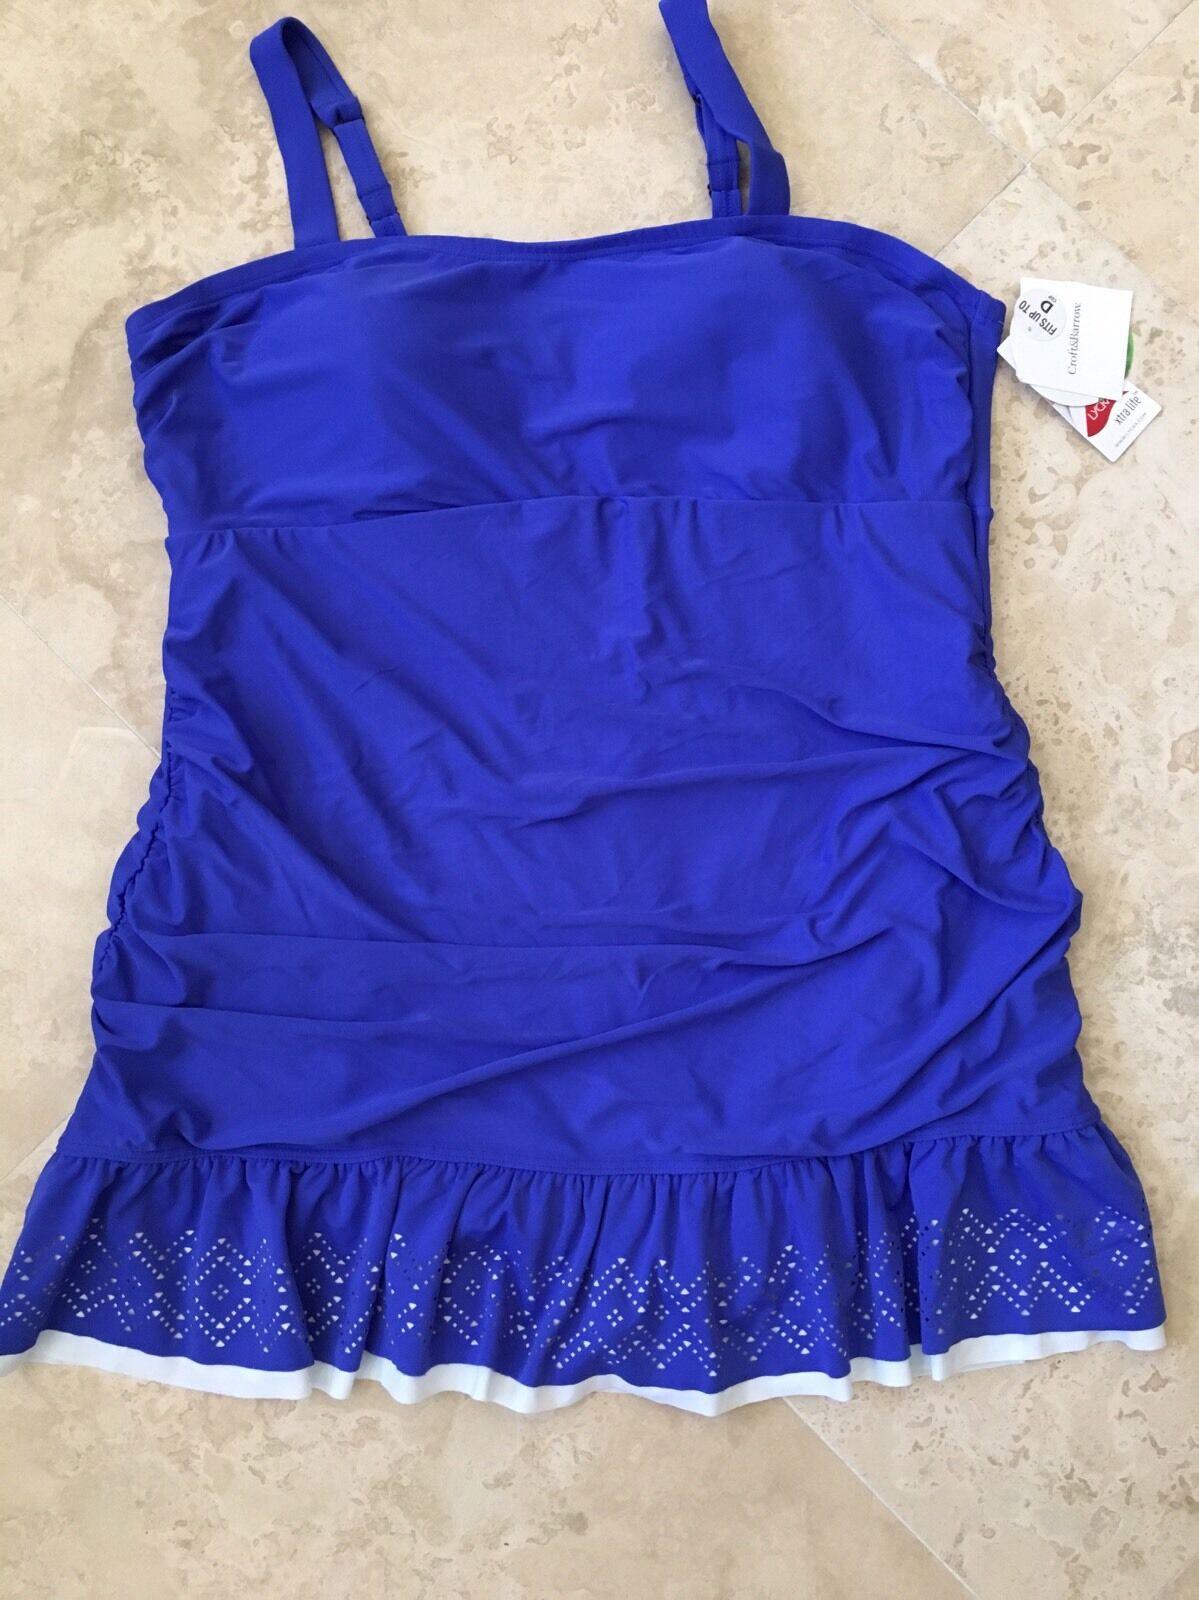 NEW Croft & Barrow Women's Plus One Piece Swimsuit Swim Swim Swim Dress bluee Size 24W c14169